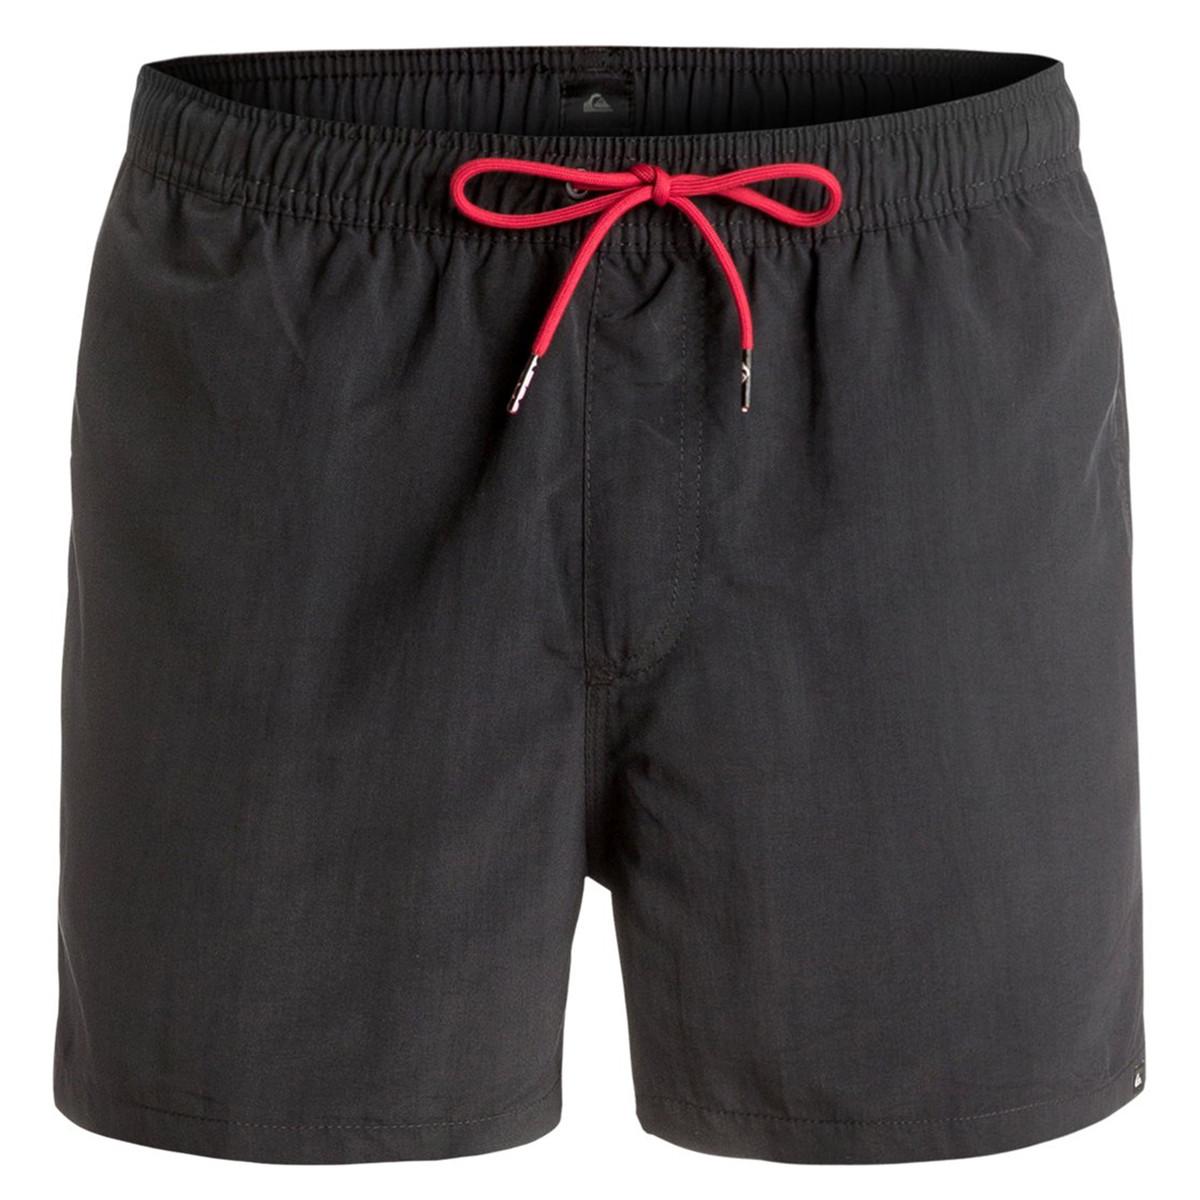 Azur Volley 14 Short De Bain Homme QUIKSILVER NOIR pas cher - Shorts ... f3efc5571d5